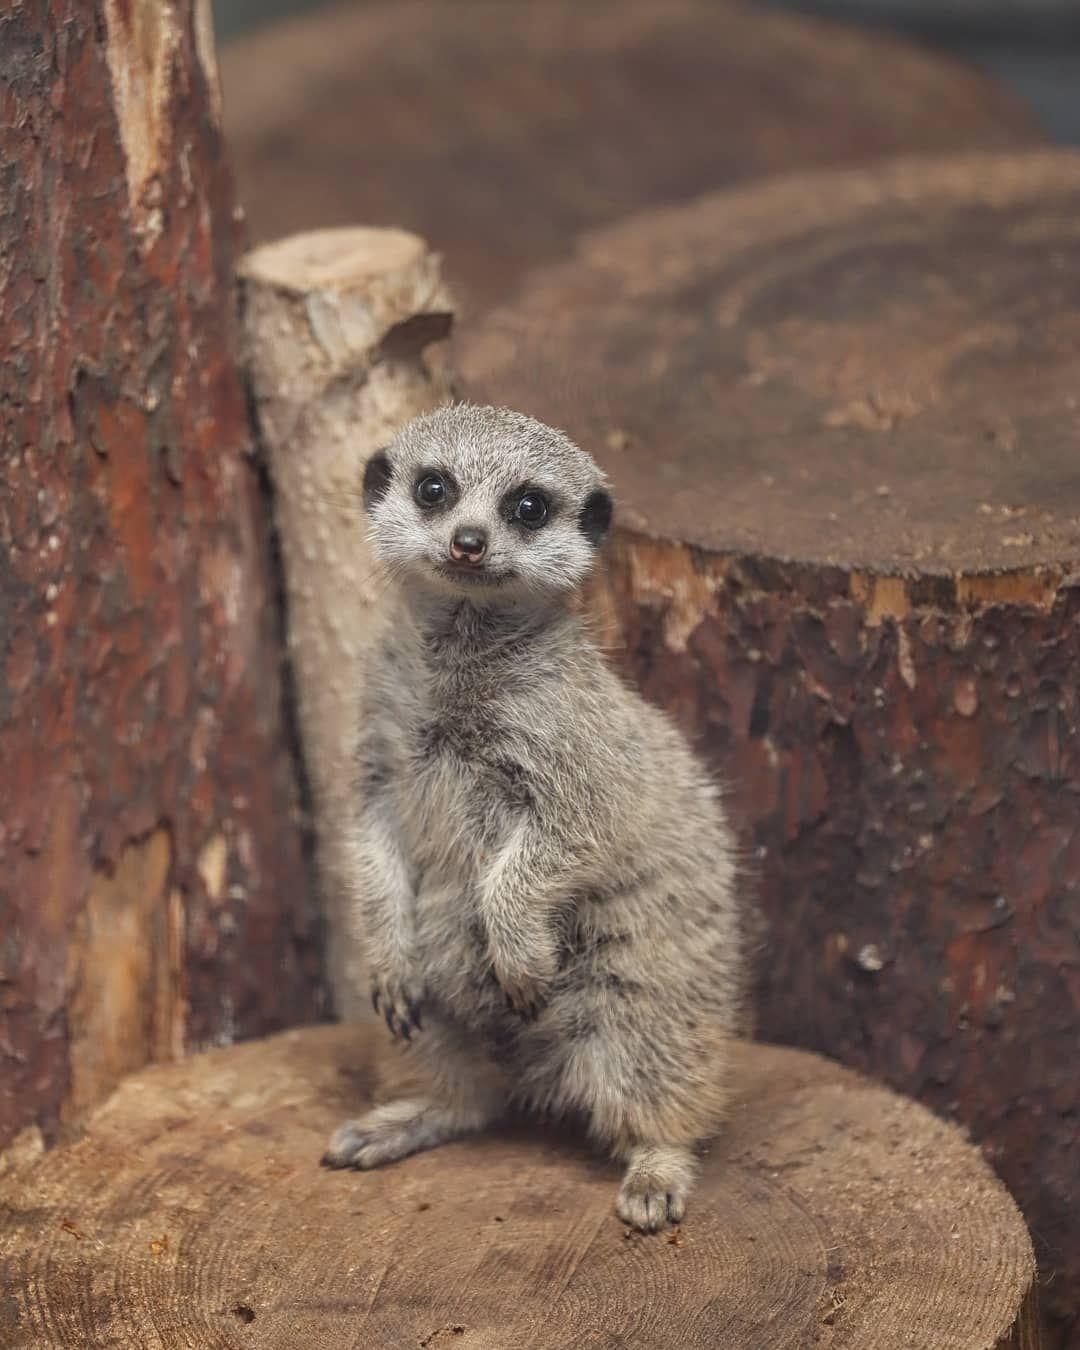 ちびミーアキャットちゃん Hello ミーアキャット Suricata 人気者 Cute 可愛い 癒し Cuteanimals Animalbaby 動物の赤ちゃん Cutebaby Animallovers Animal ミーアキャット 動物 動物園